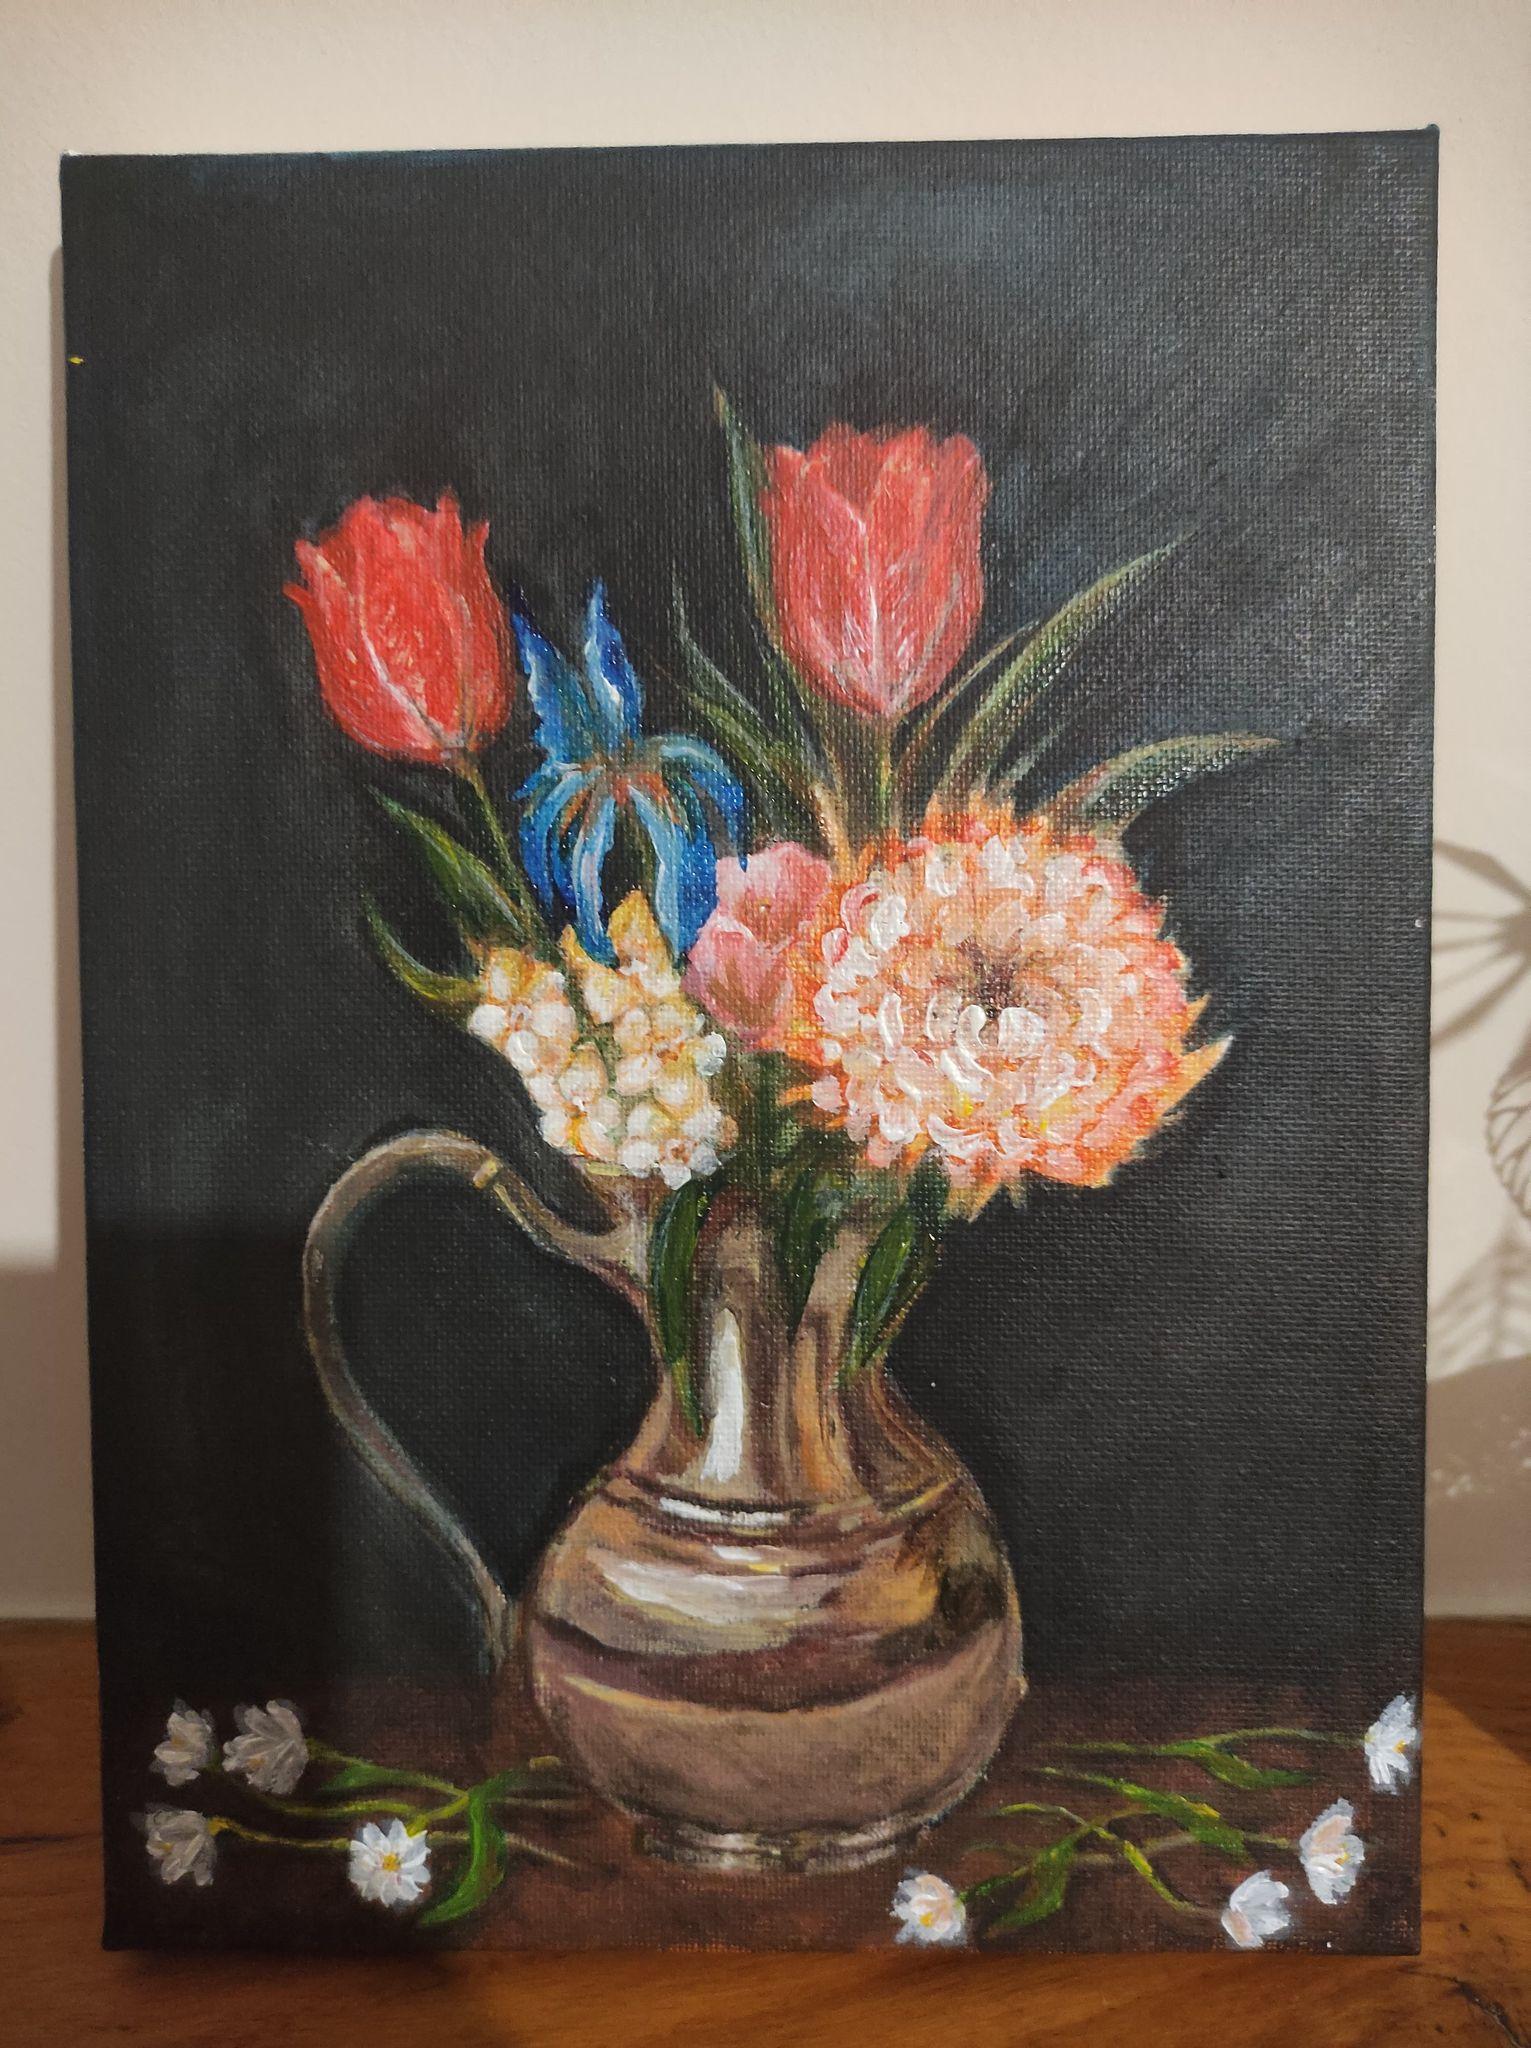 Flowers inspired by Jan Brueghel